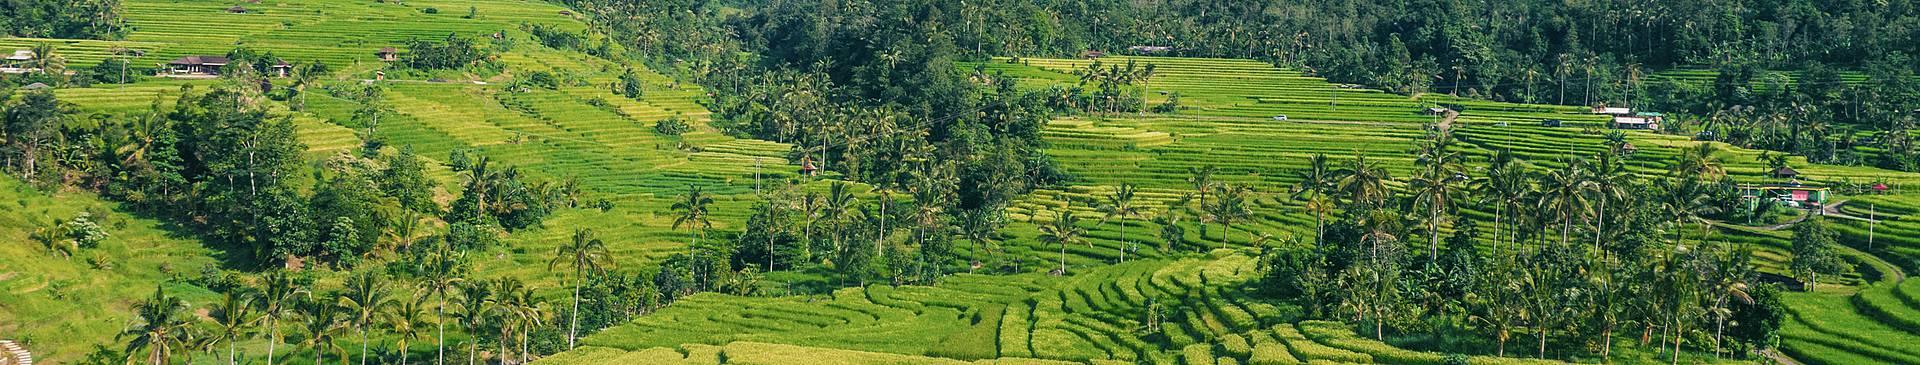 Bergurlaub Bali